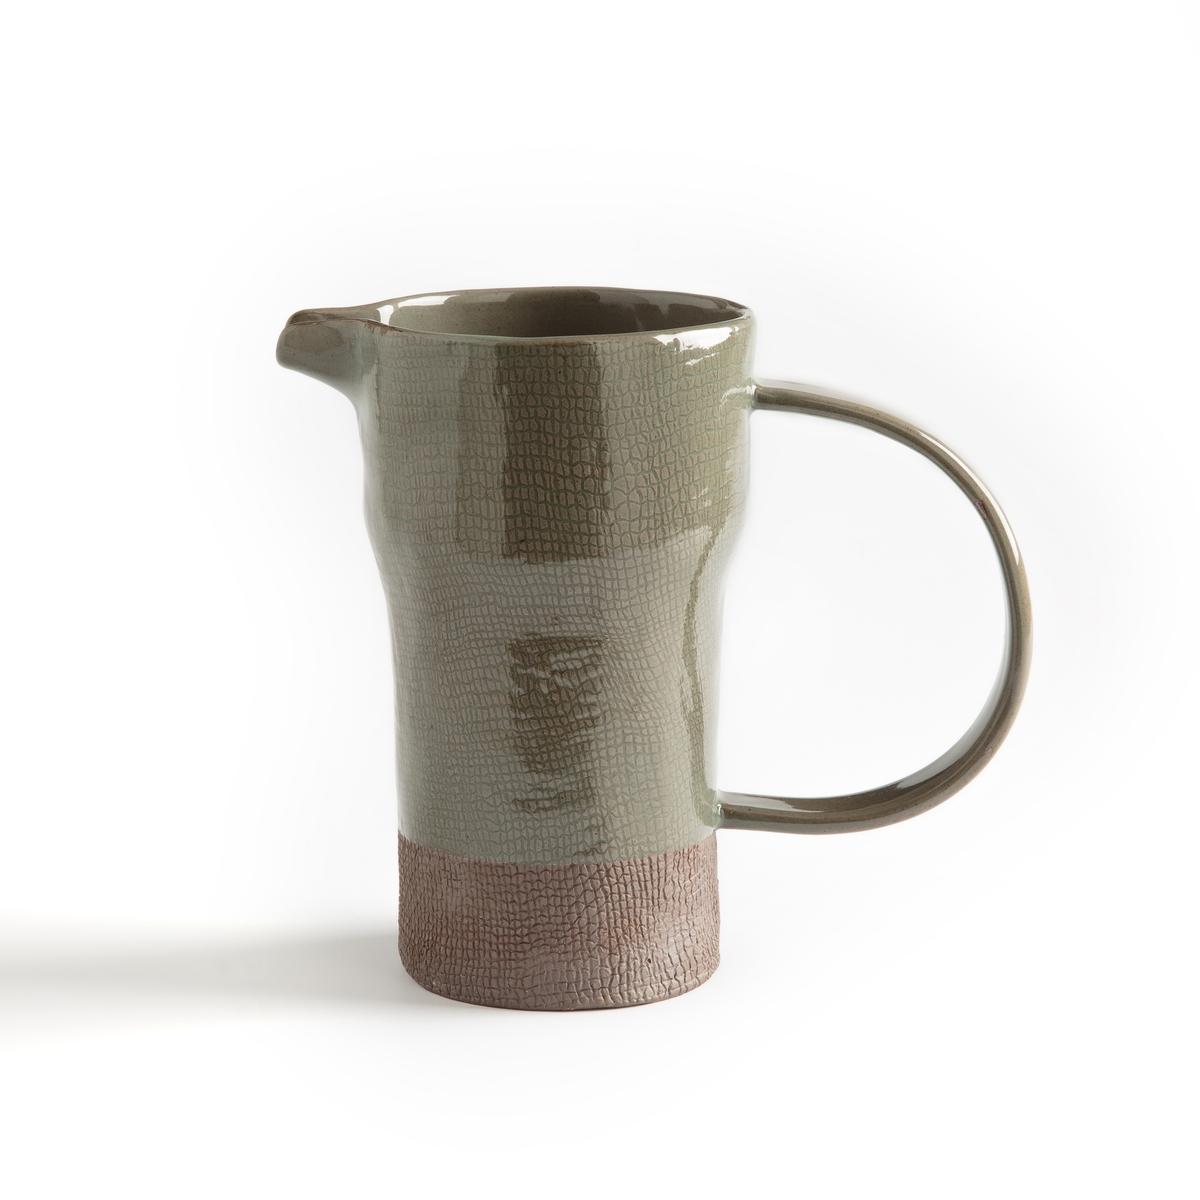 Кувшин La Redoute Из керамики Sanna единый размер каштановый чашки la redoute из керамики shima единый размер зеленый